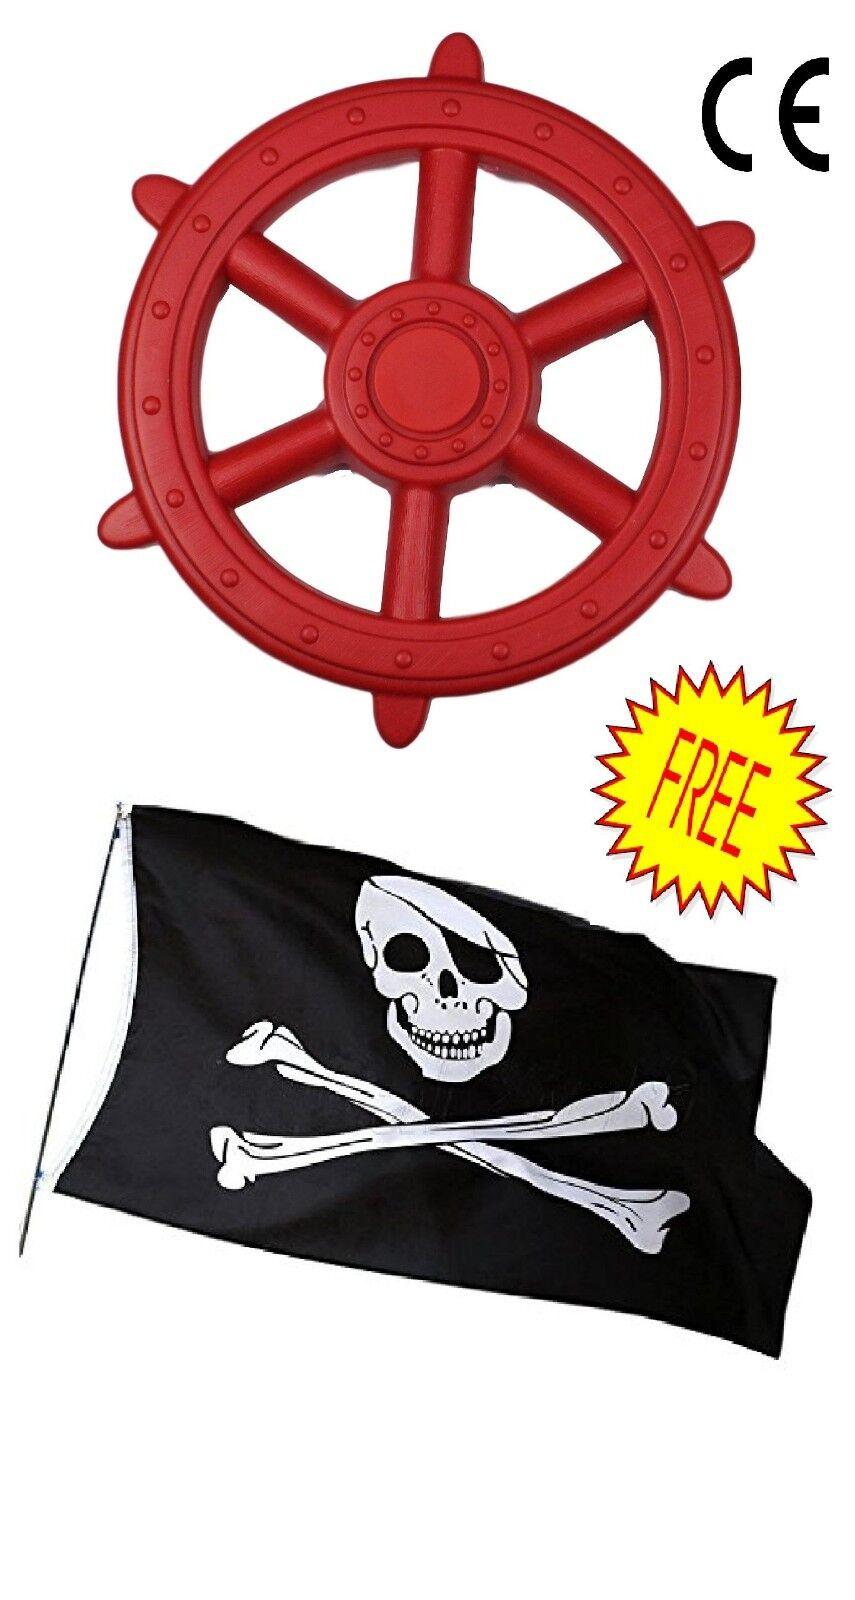 large red kids climbing frame pirate wheel free pirate flag